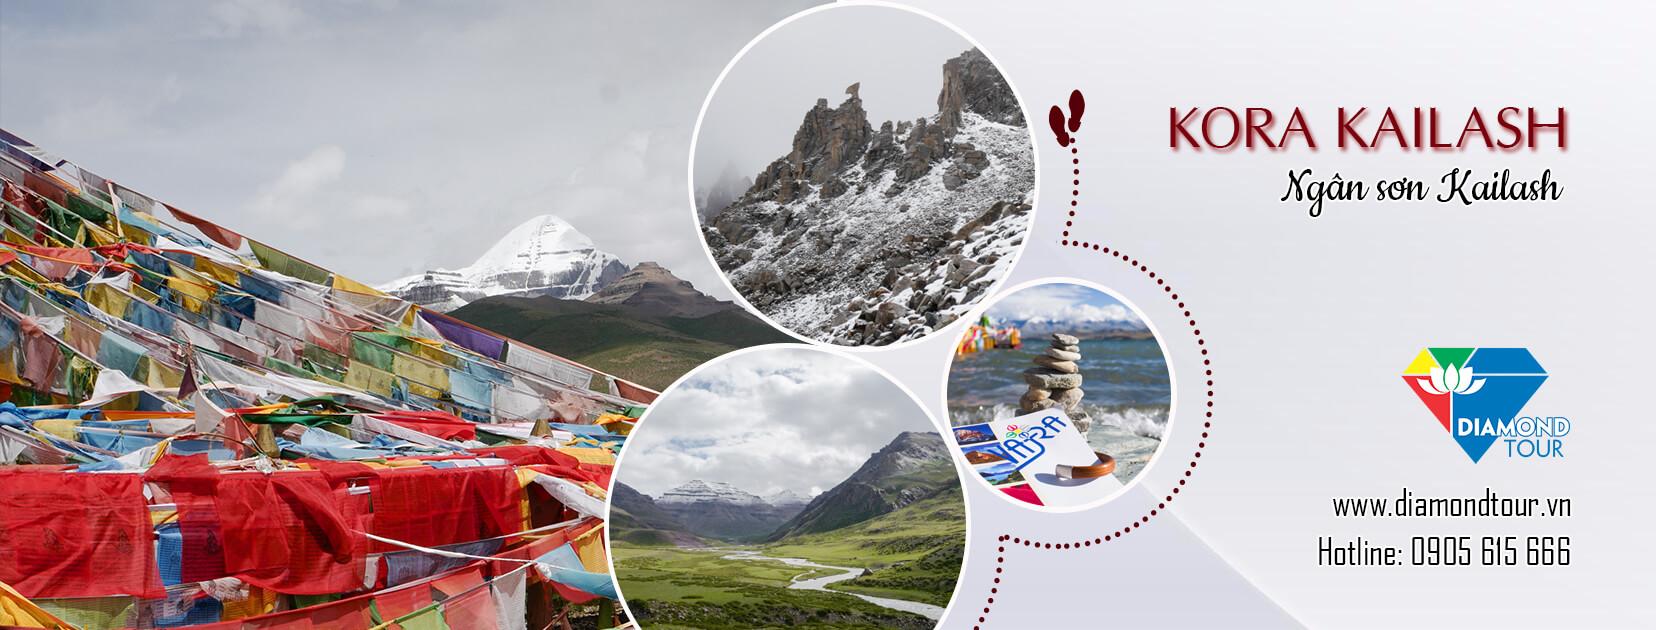 Du lịch Tây Tạng - Kailash